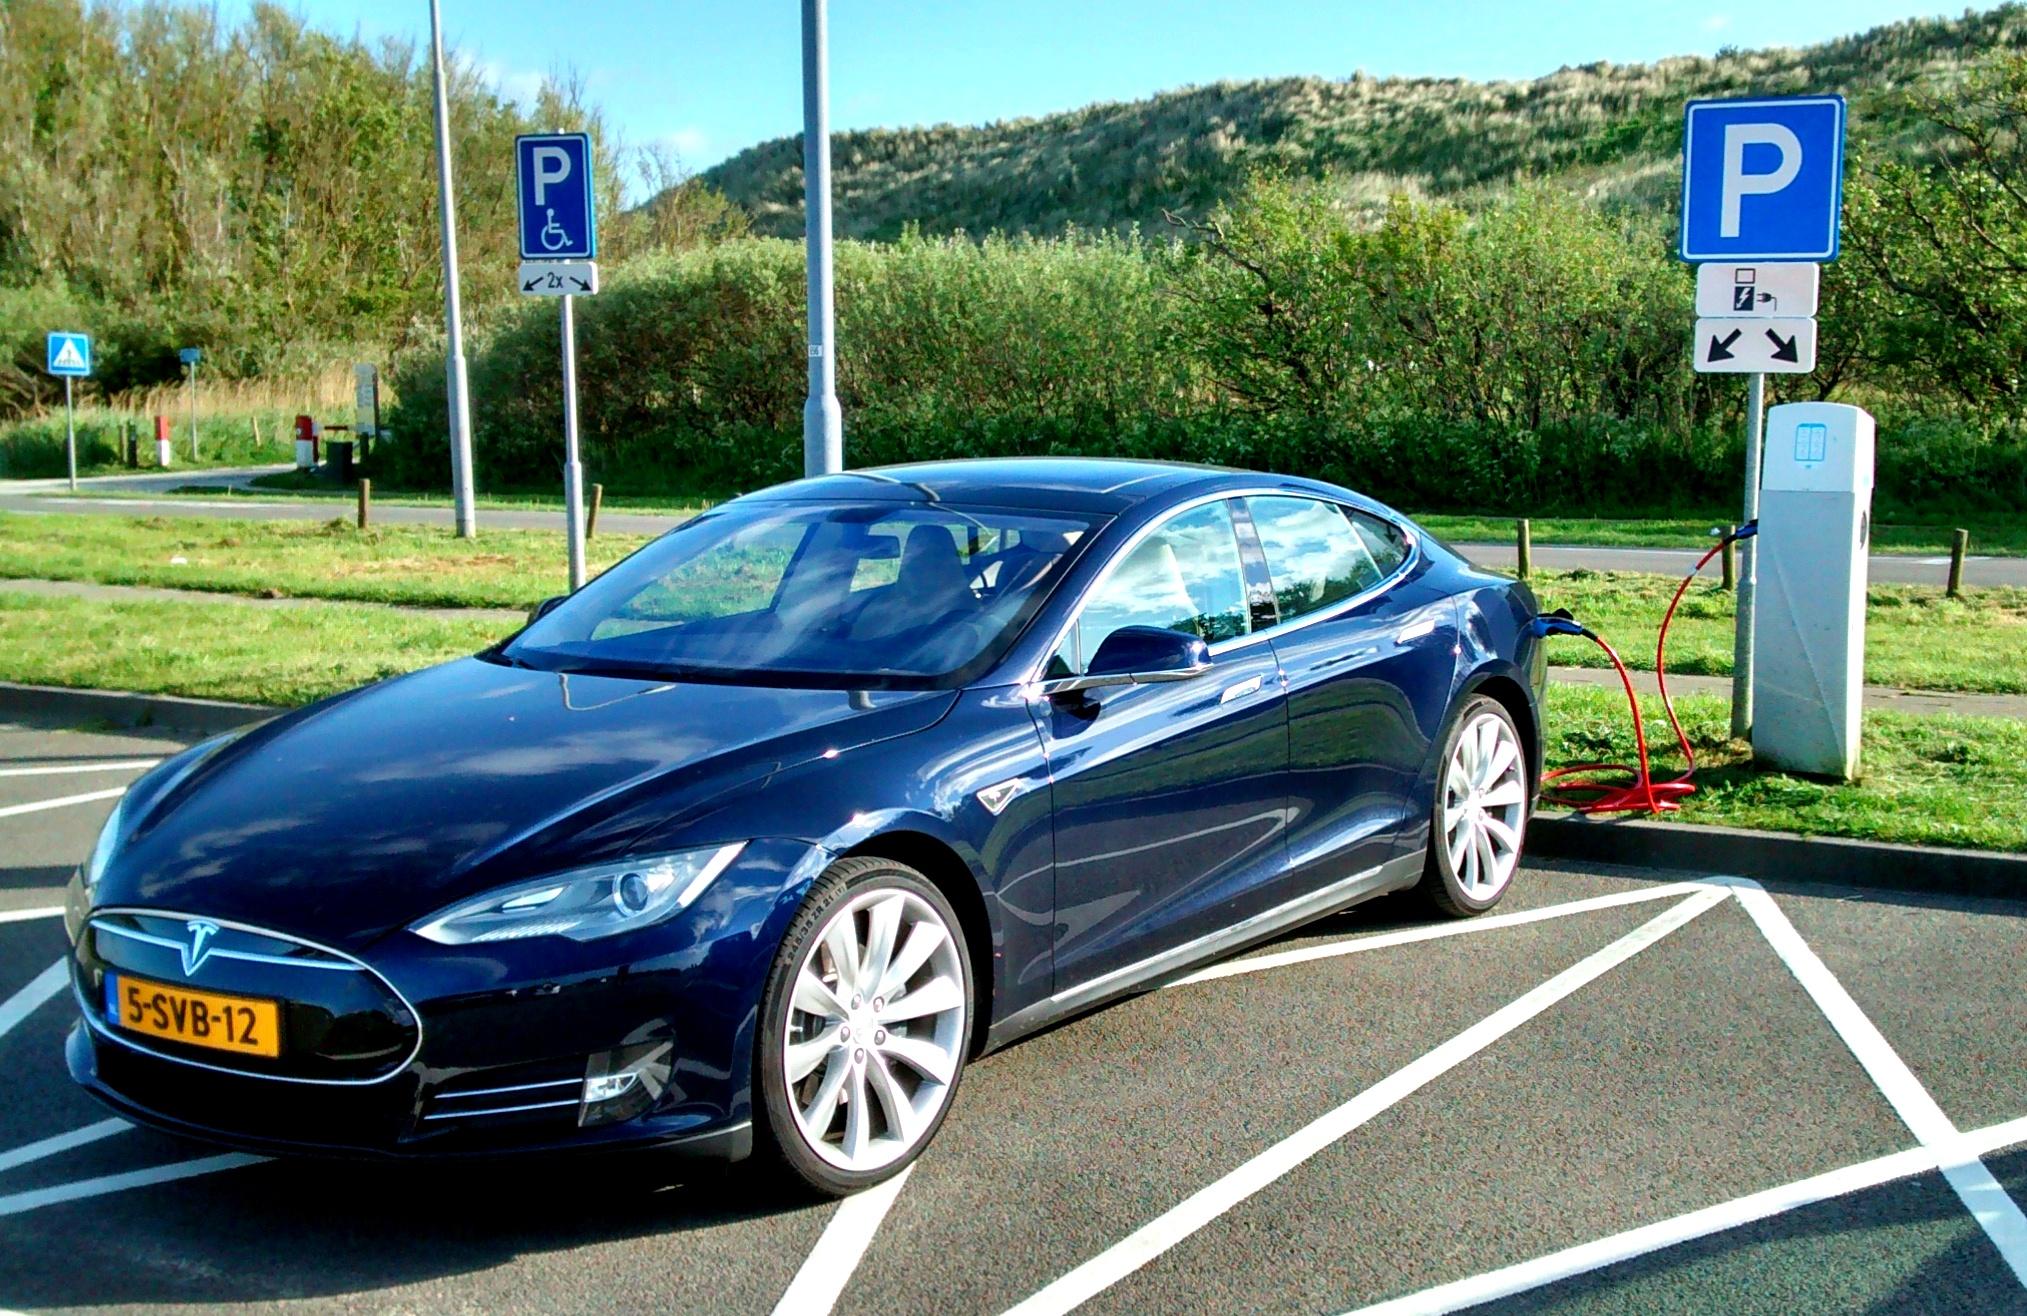 første bensindrevne bil i norge